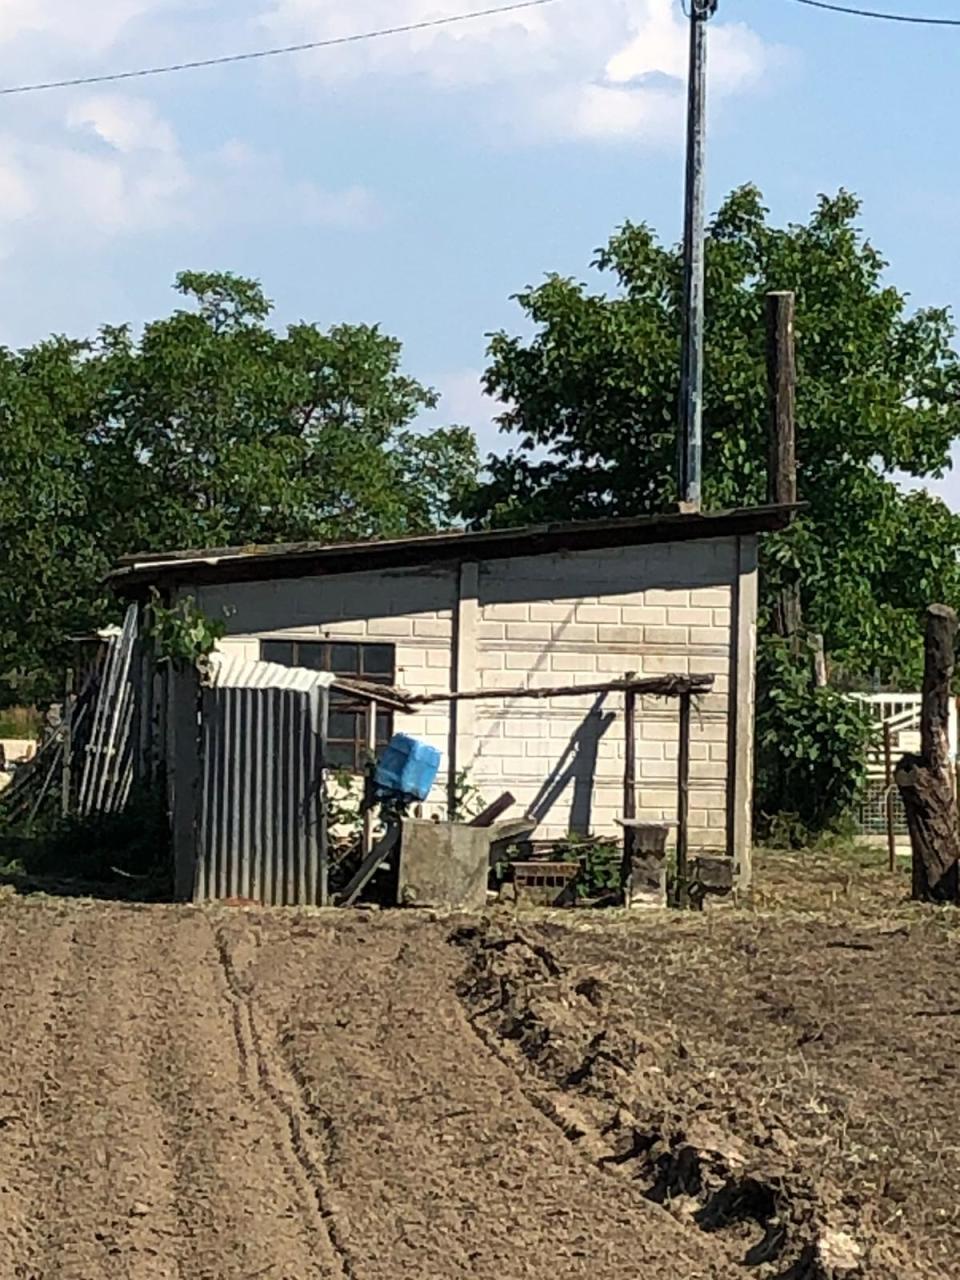 Terreno Agricolo in vendita a Sarzana, 1 locali, prezzo € 35.000 | PortaleAgenzieImmobiliari.it